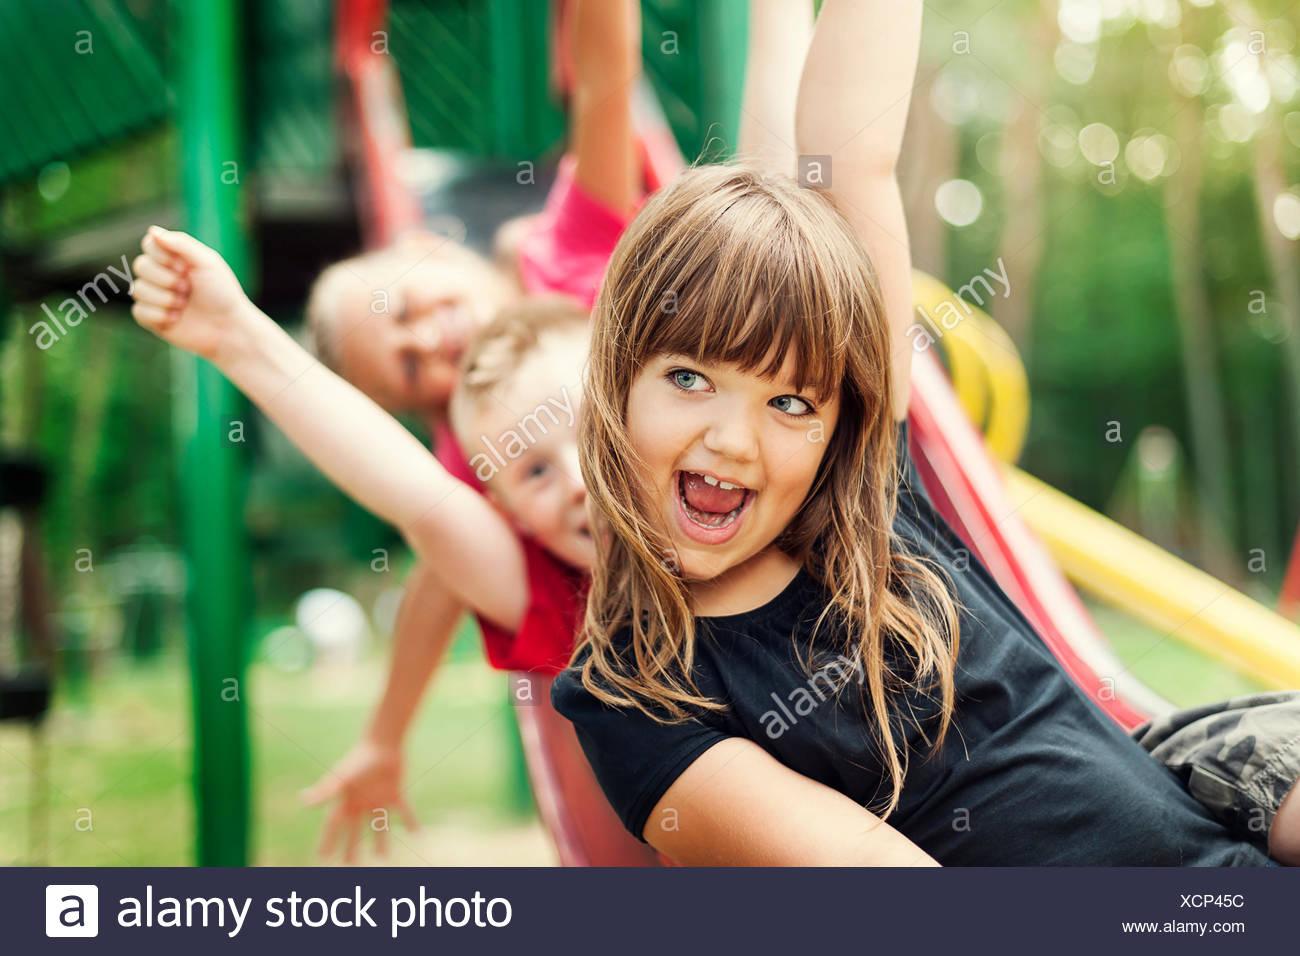 Los niños divirtiéndose en la diapositiva, Debica, Polonia Imagen De Stock